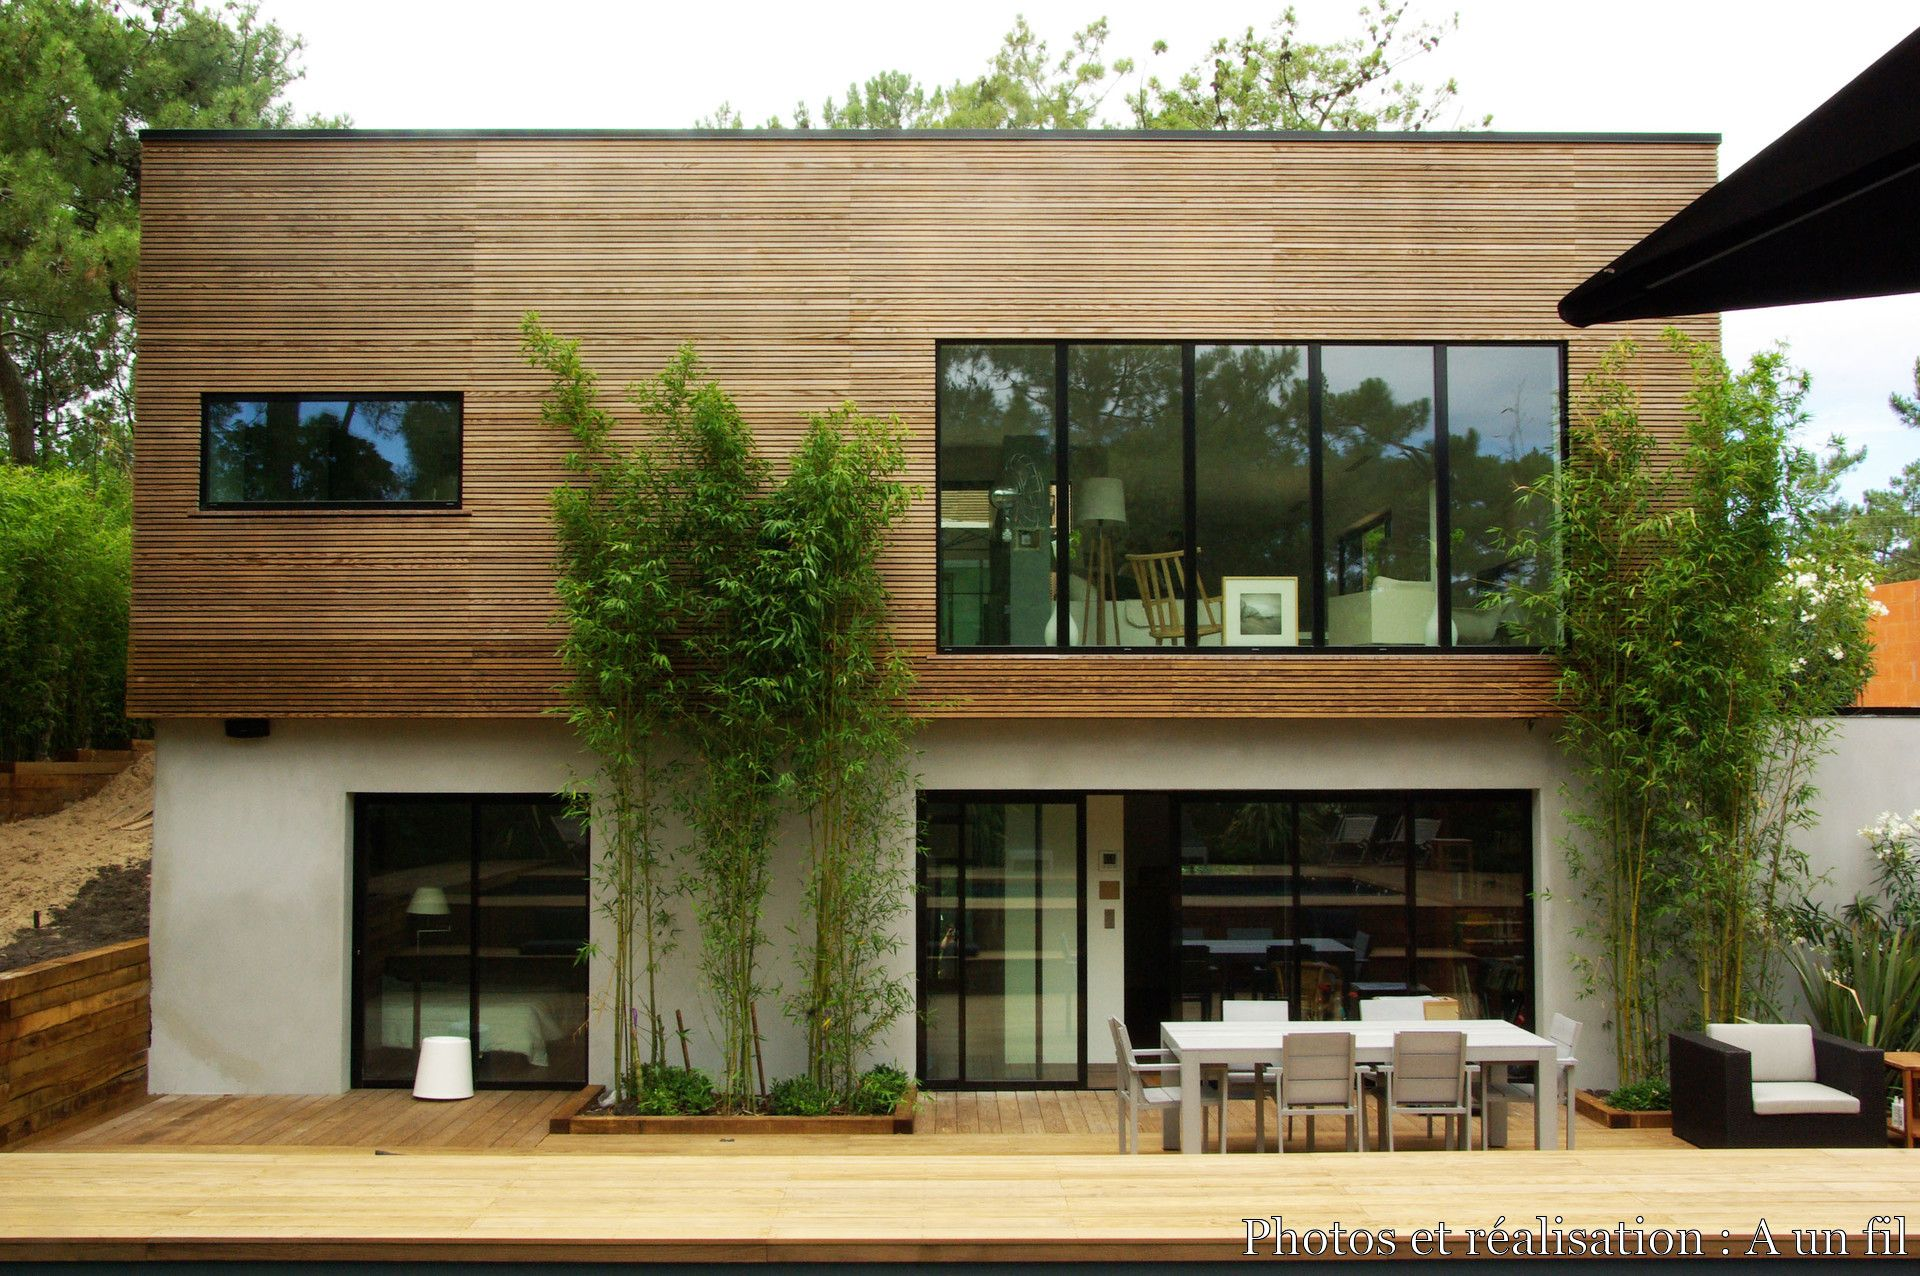 Maison bois contemporaine cap ferret a un fil c t for Projet maison contemporaine